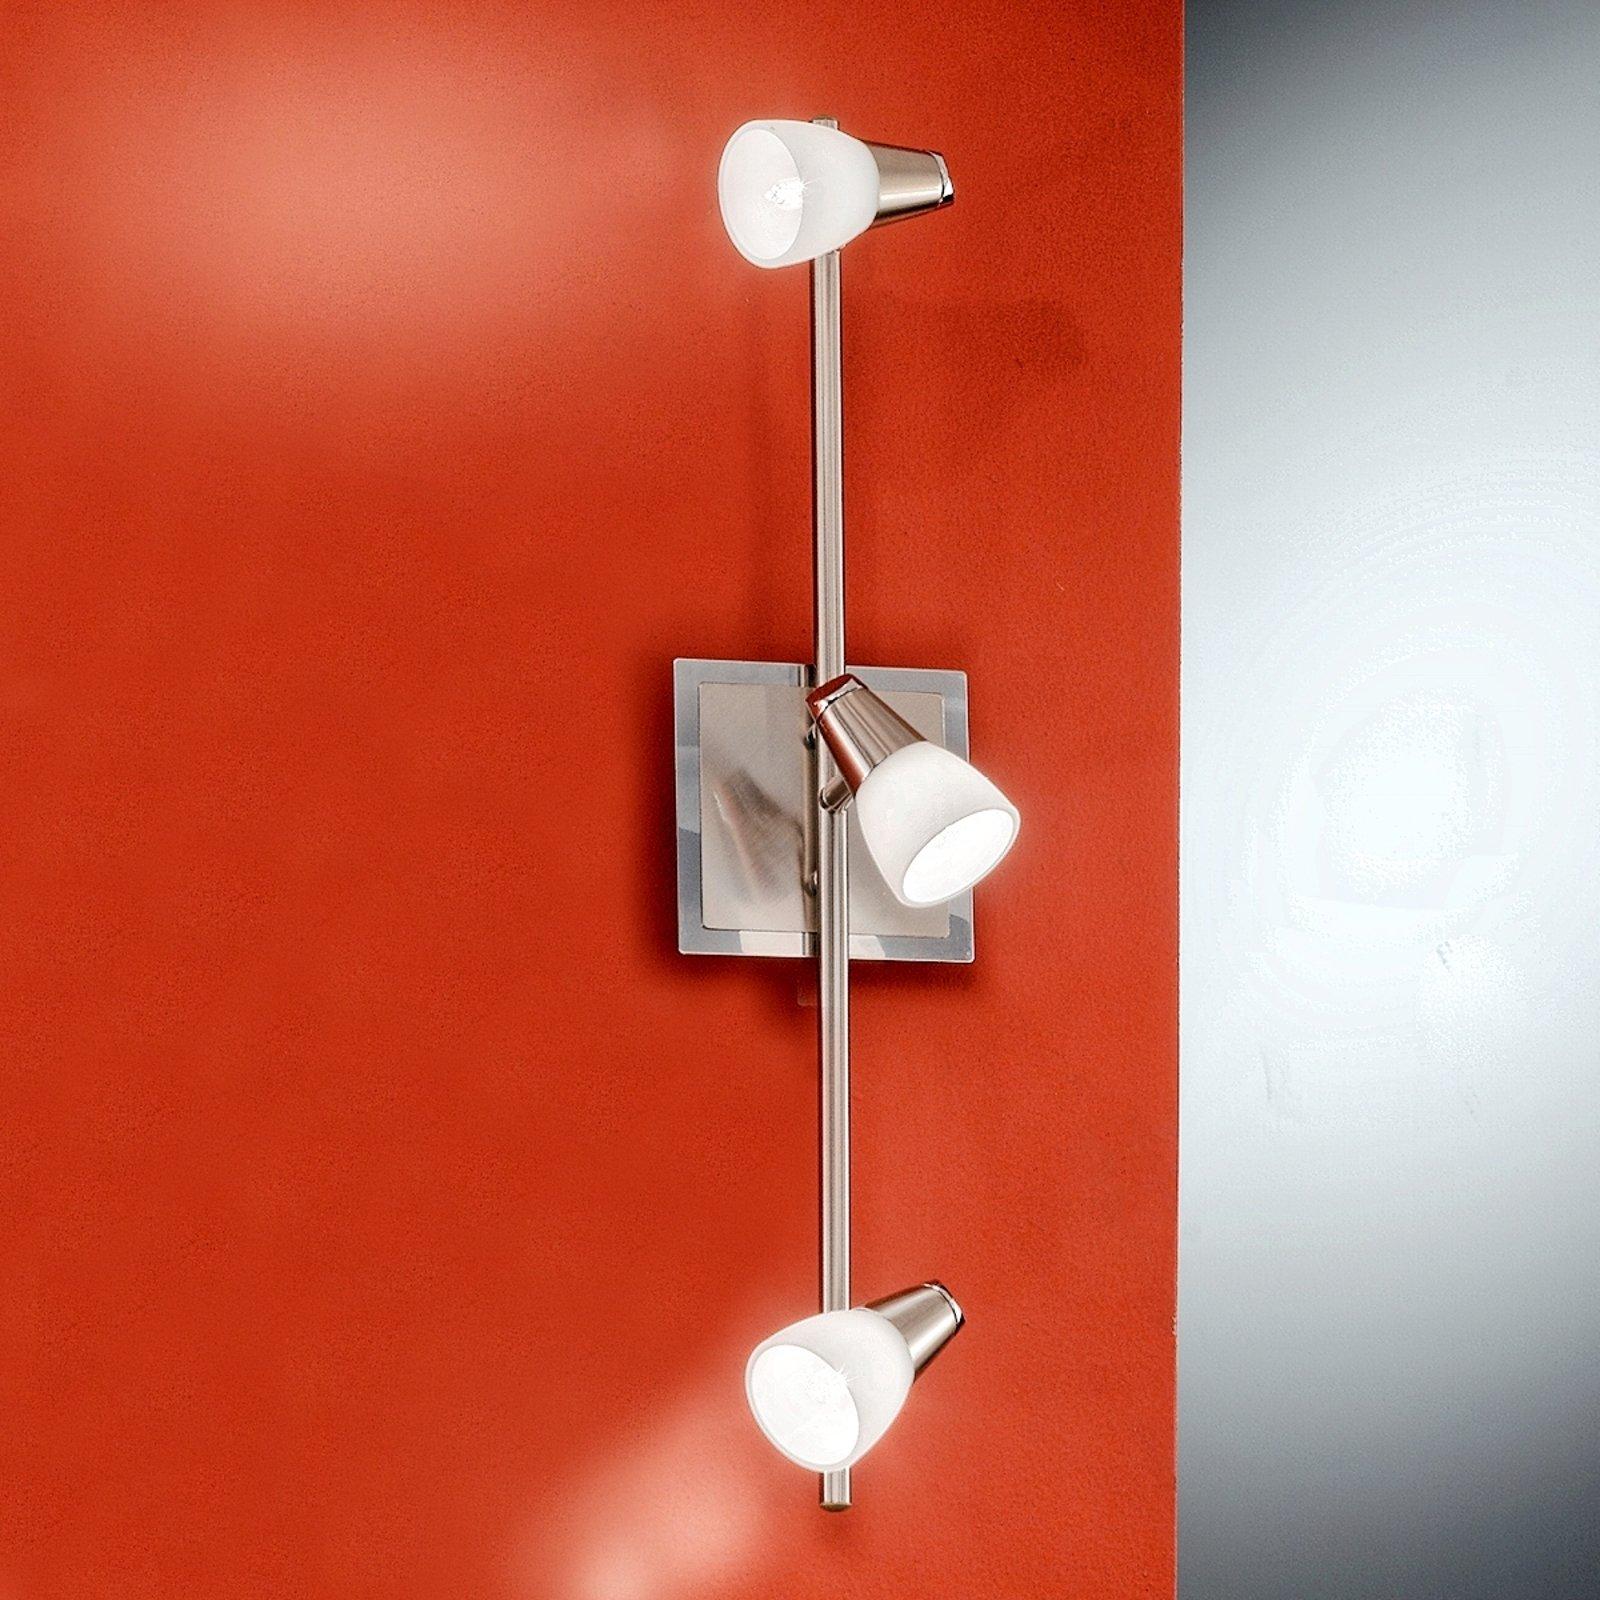 Strålende MIRTEL taklampe med tre lys